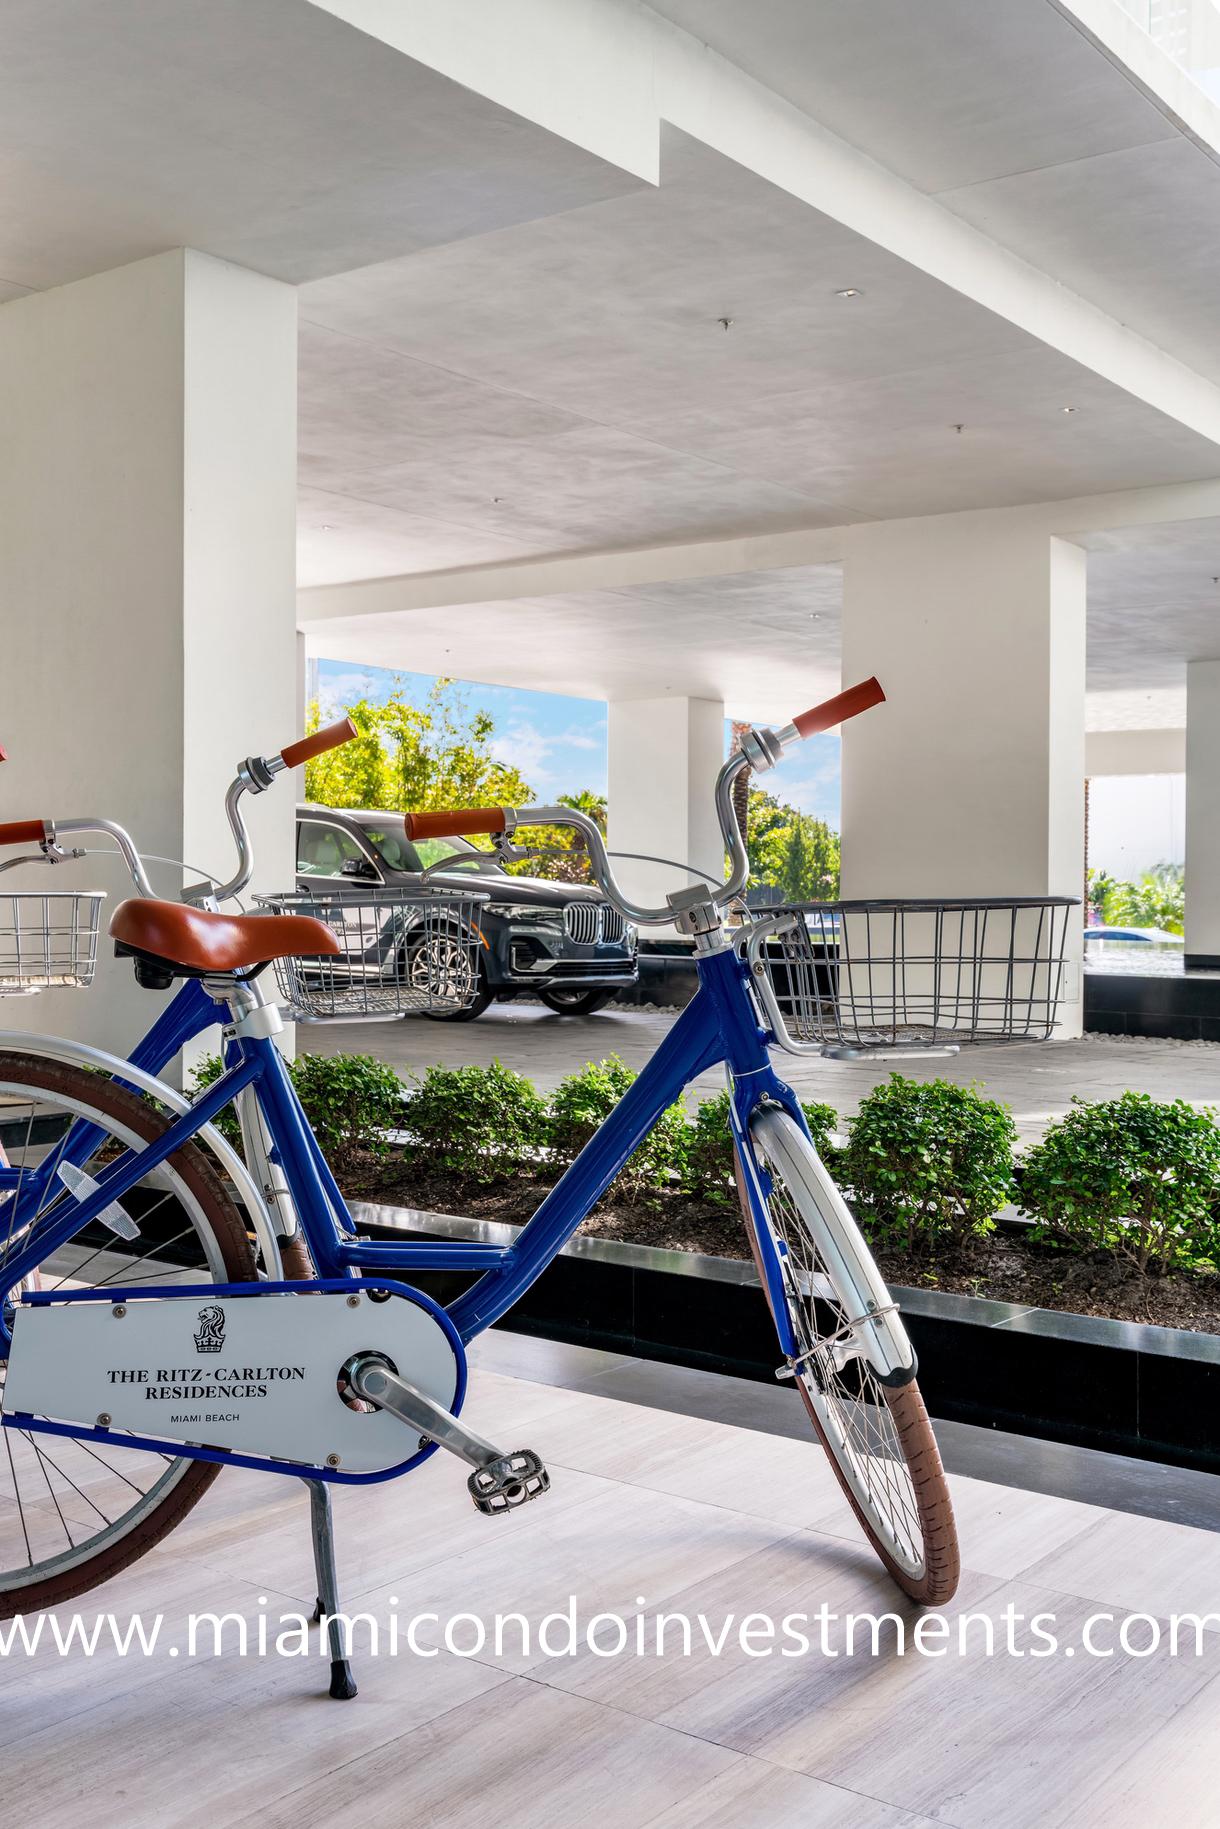 house bicycles at Ritz-Carlton Residences Miami Beach